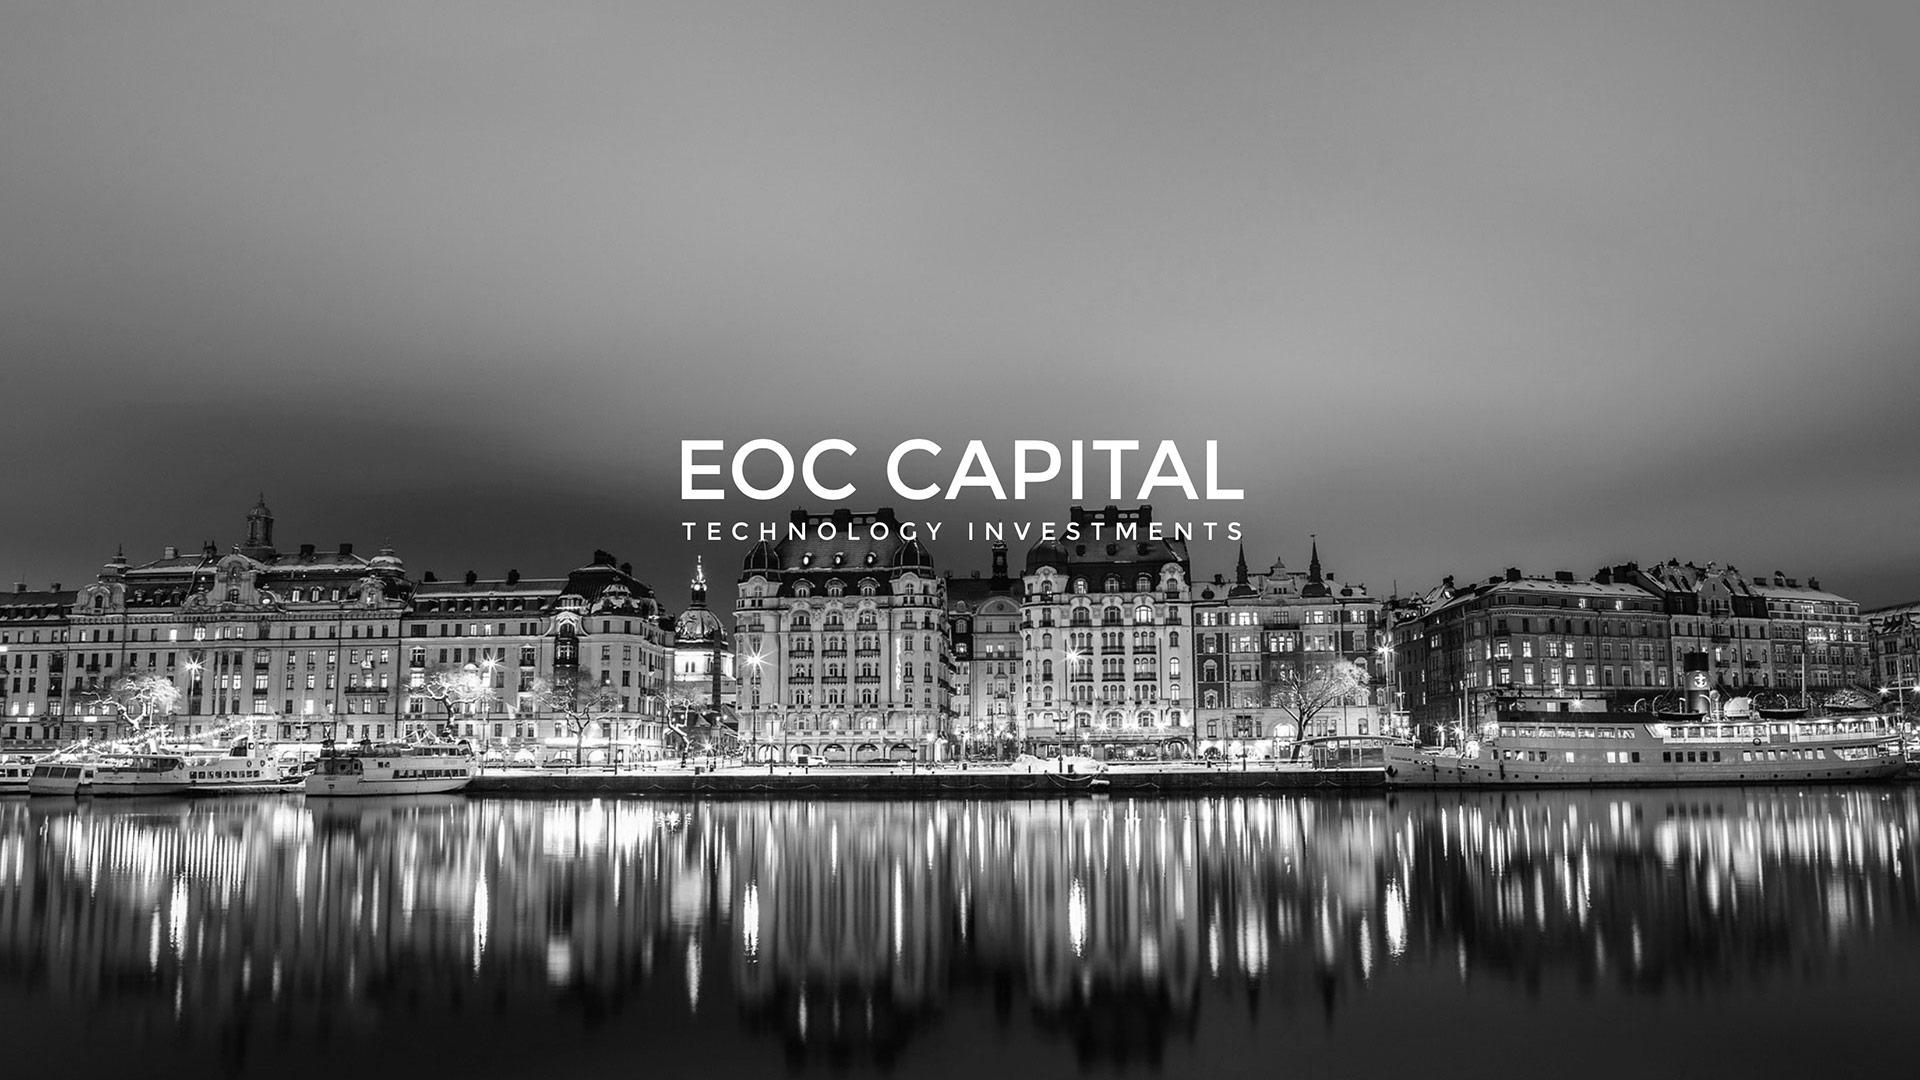 EOC Capital